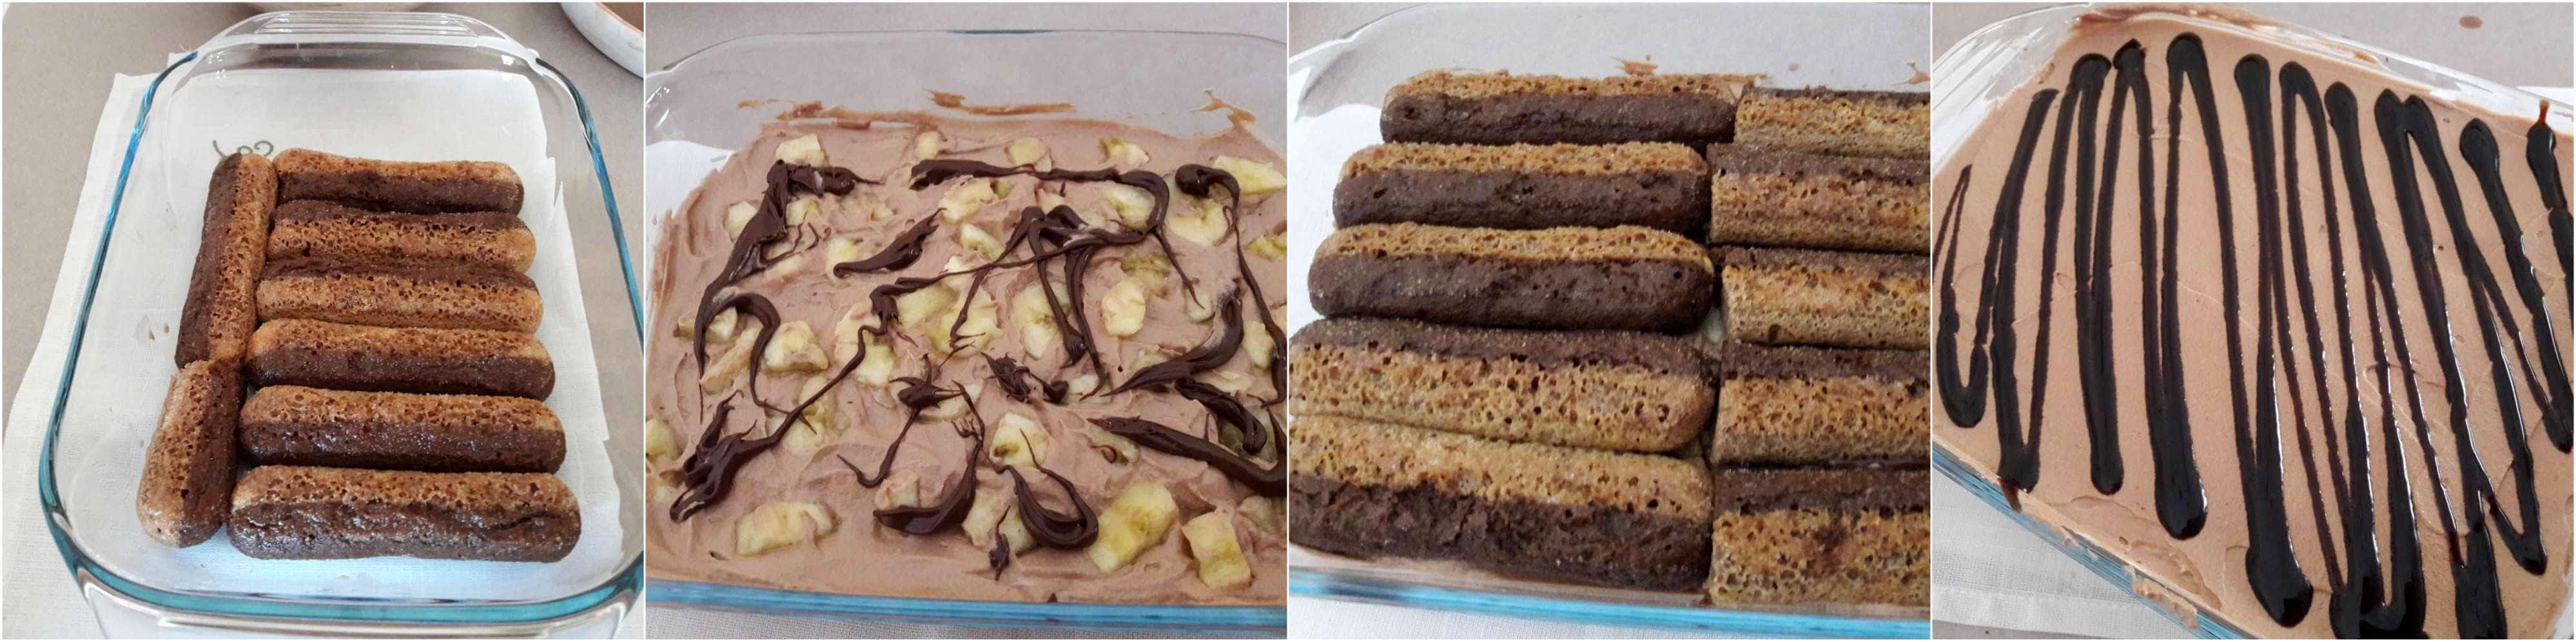 torta fredda cioccobanana box 2 VG-2